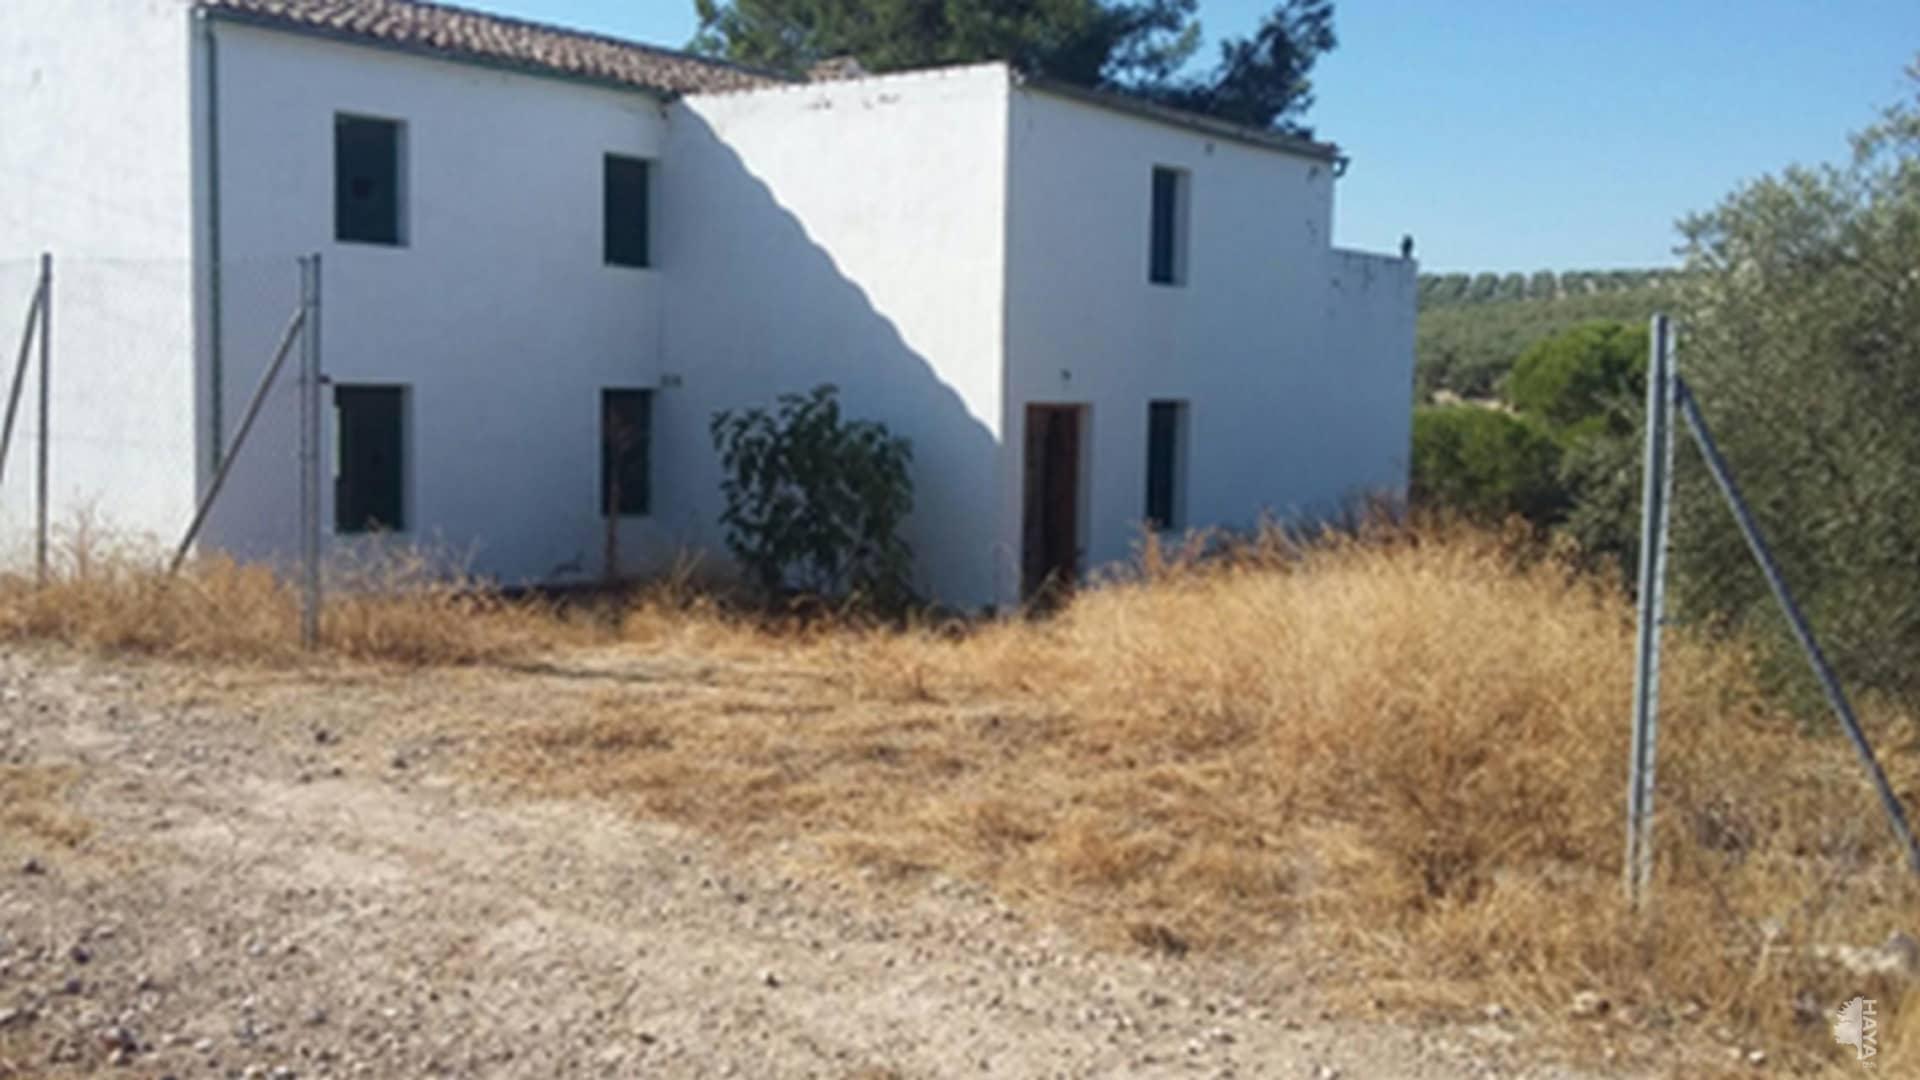 Casa en venta en Encinas Reales, Lucena, Córdoba, Calle Enamorado (del), 211.200 €, 13 habitaciones, 9 baños, 345 m2